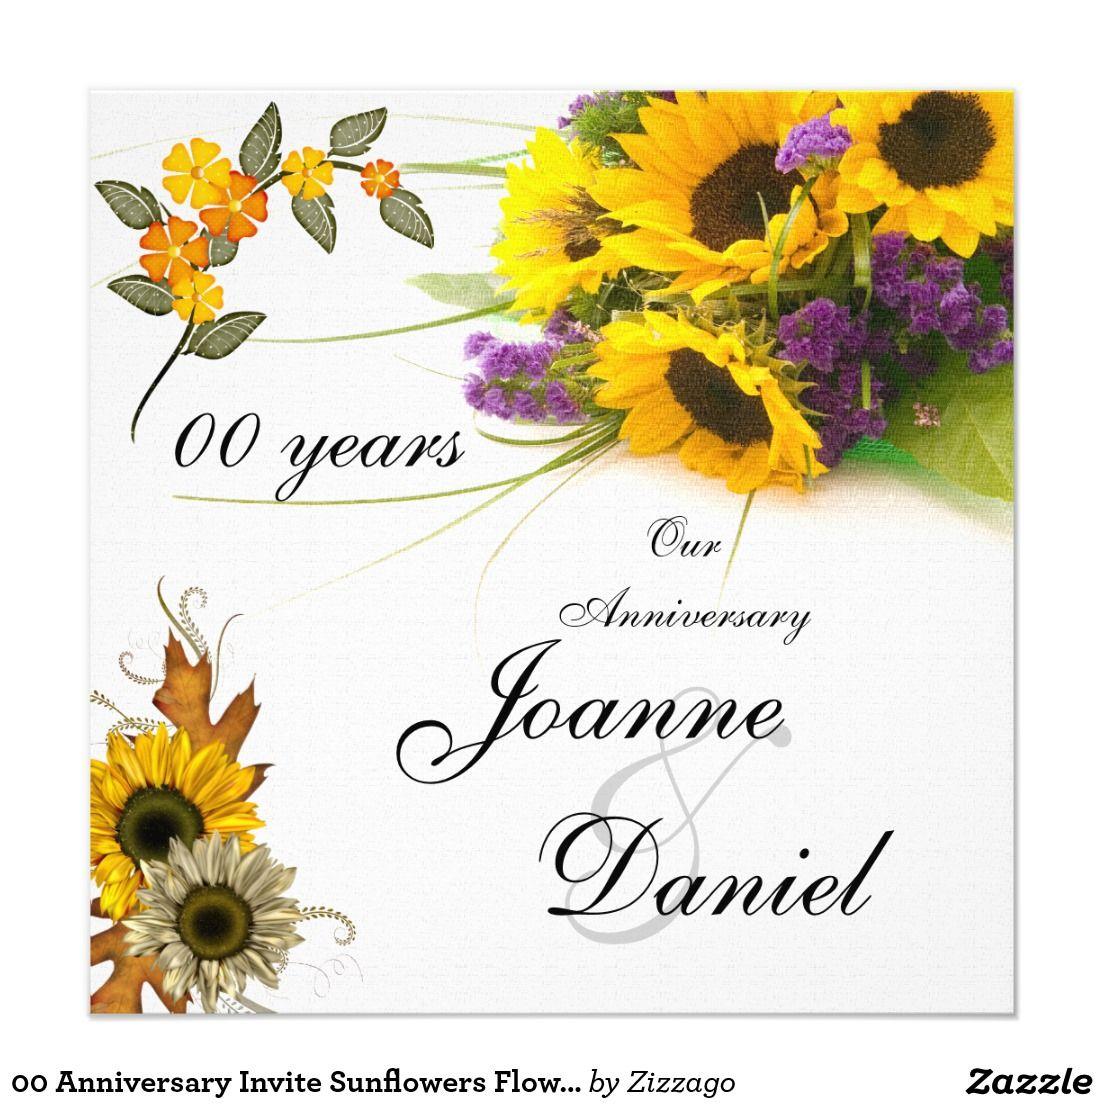 00 Anniversary Invite Sunflowers Flowers in